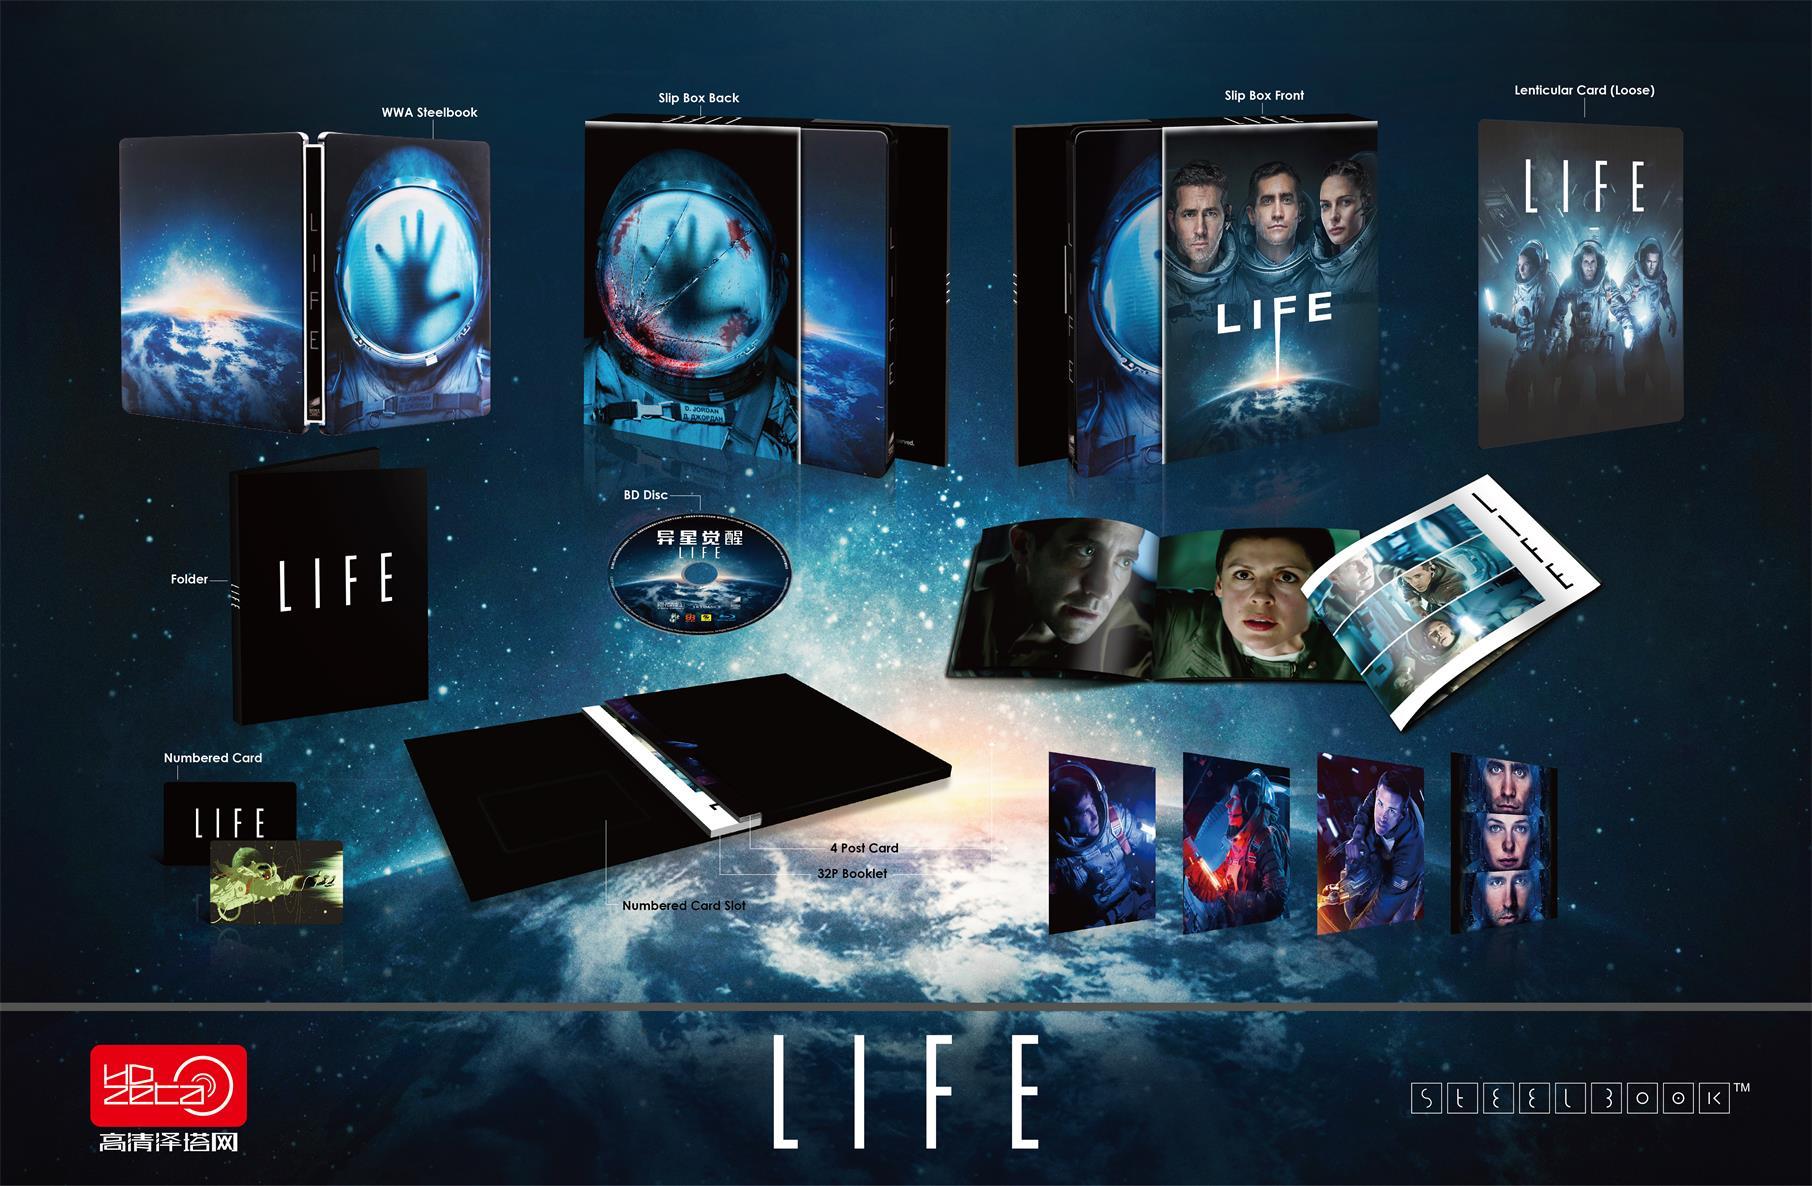 ライフ LIFE HDzeta Silver Label Special Edition スチールブック steelbook